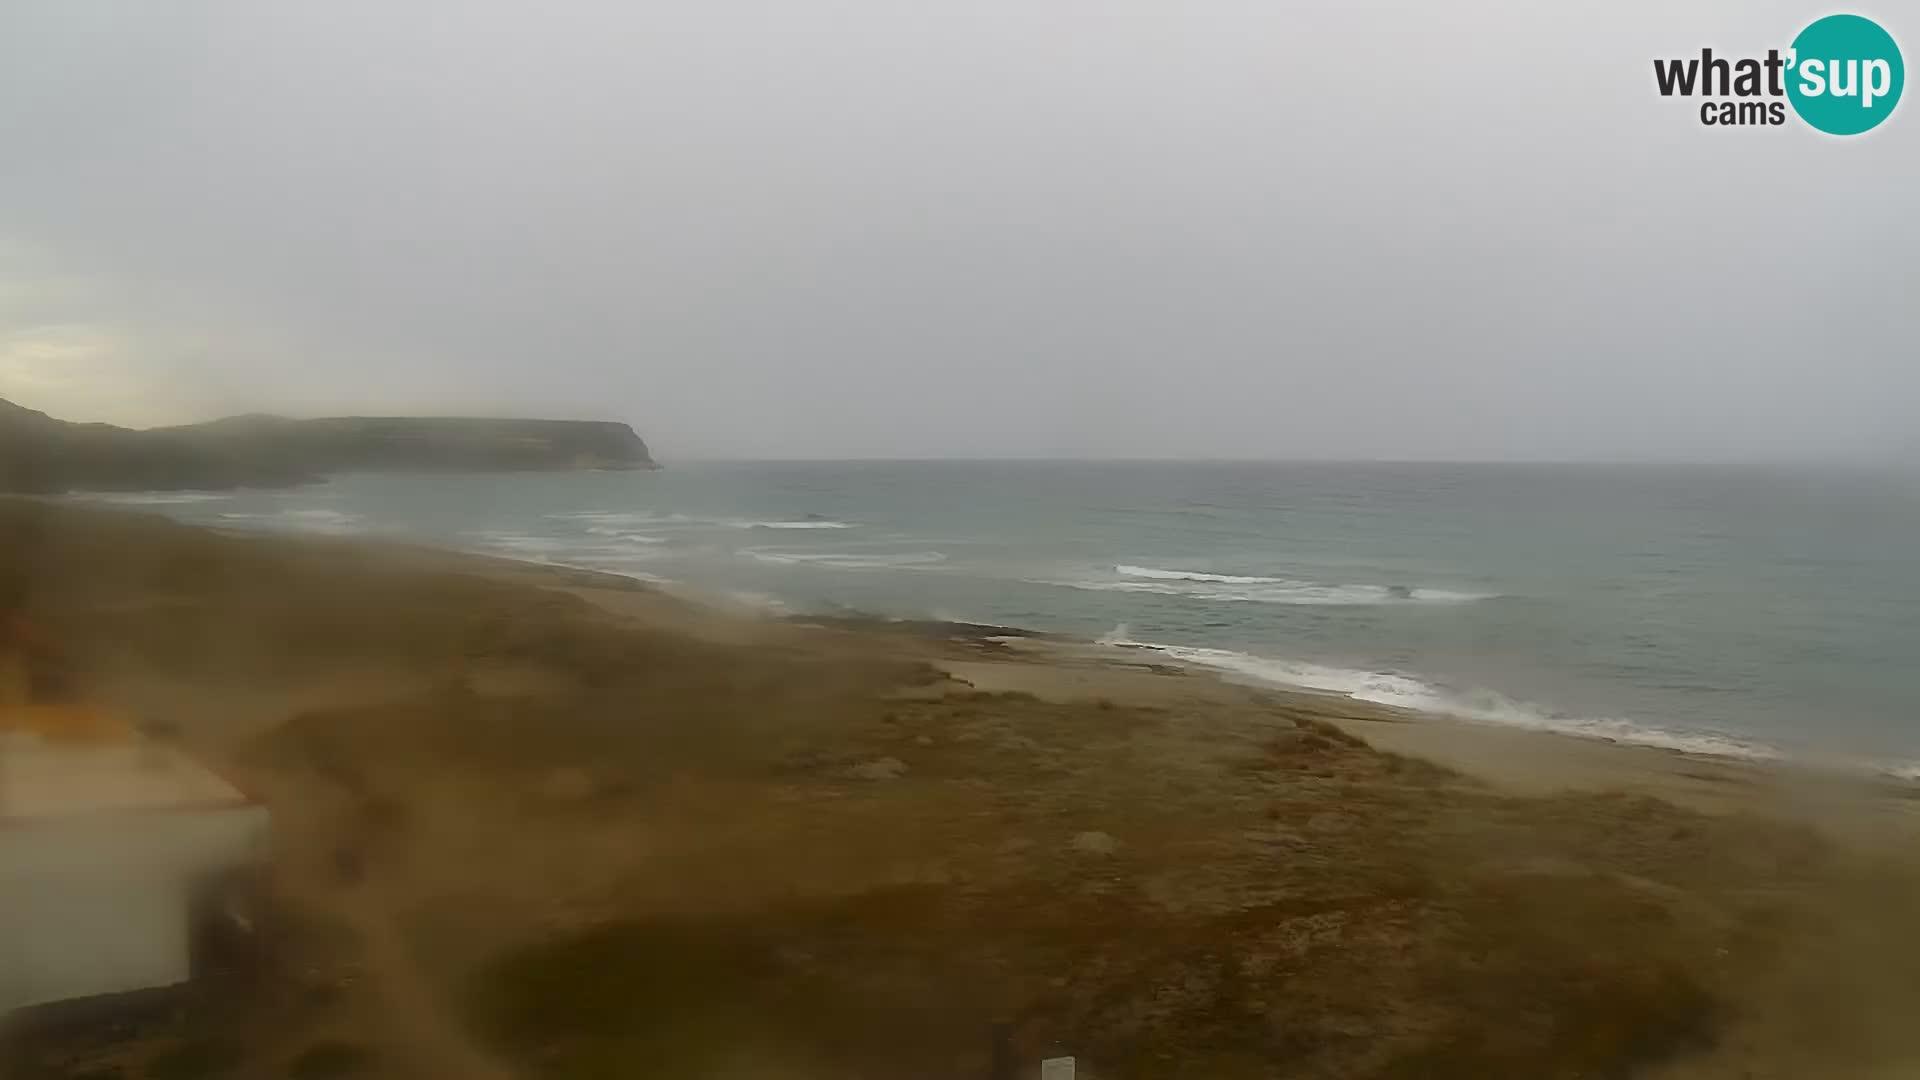 Spletna kamera v živo Plaža San Giovanni di Sinis – Oristano – Sardinija turizem Italija